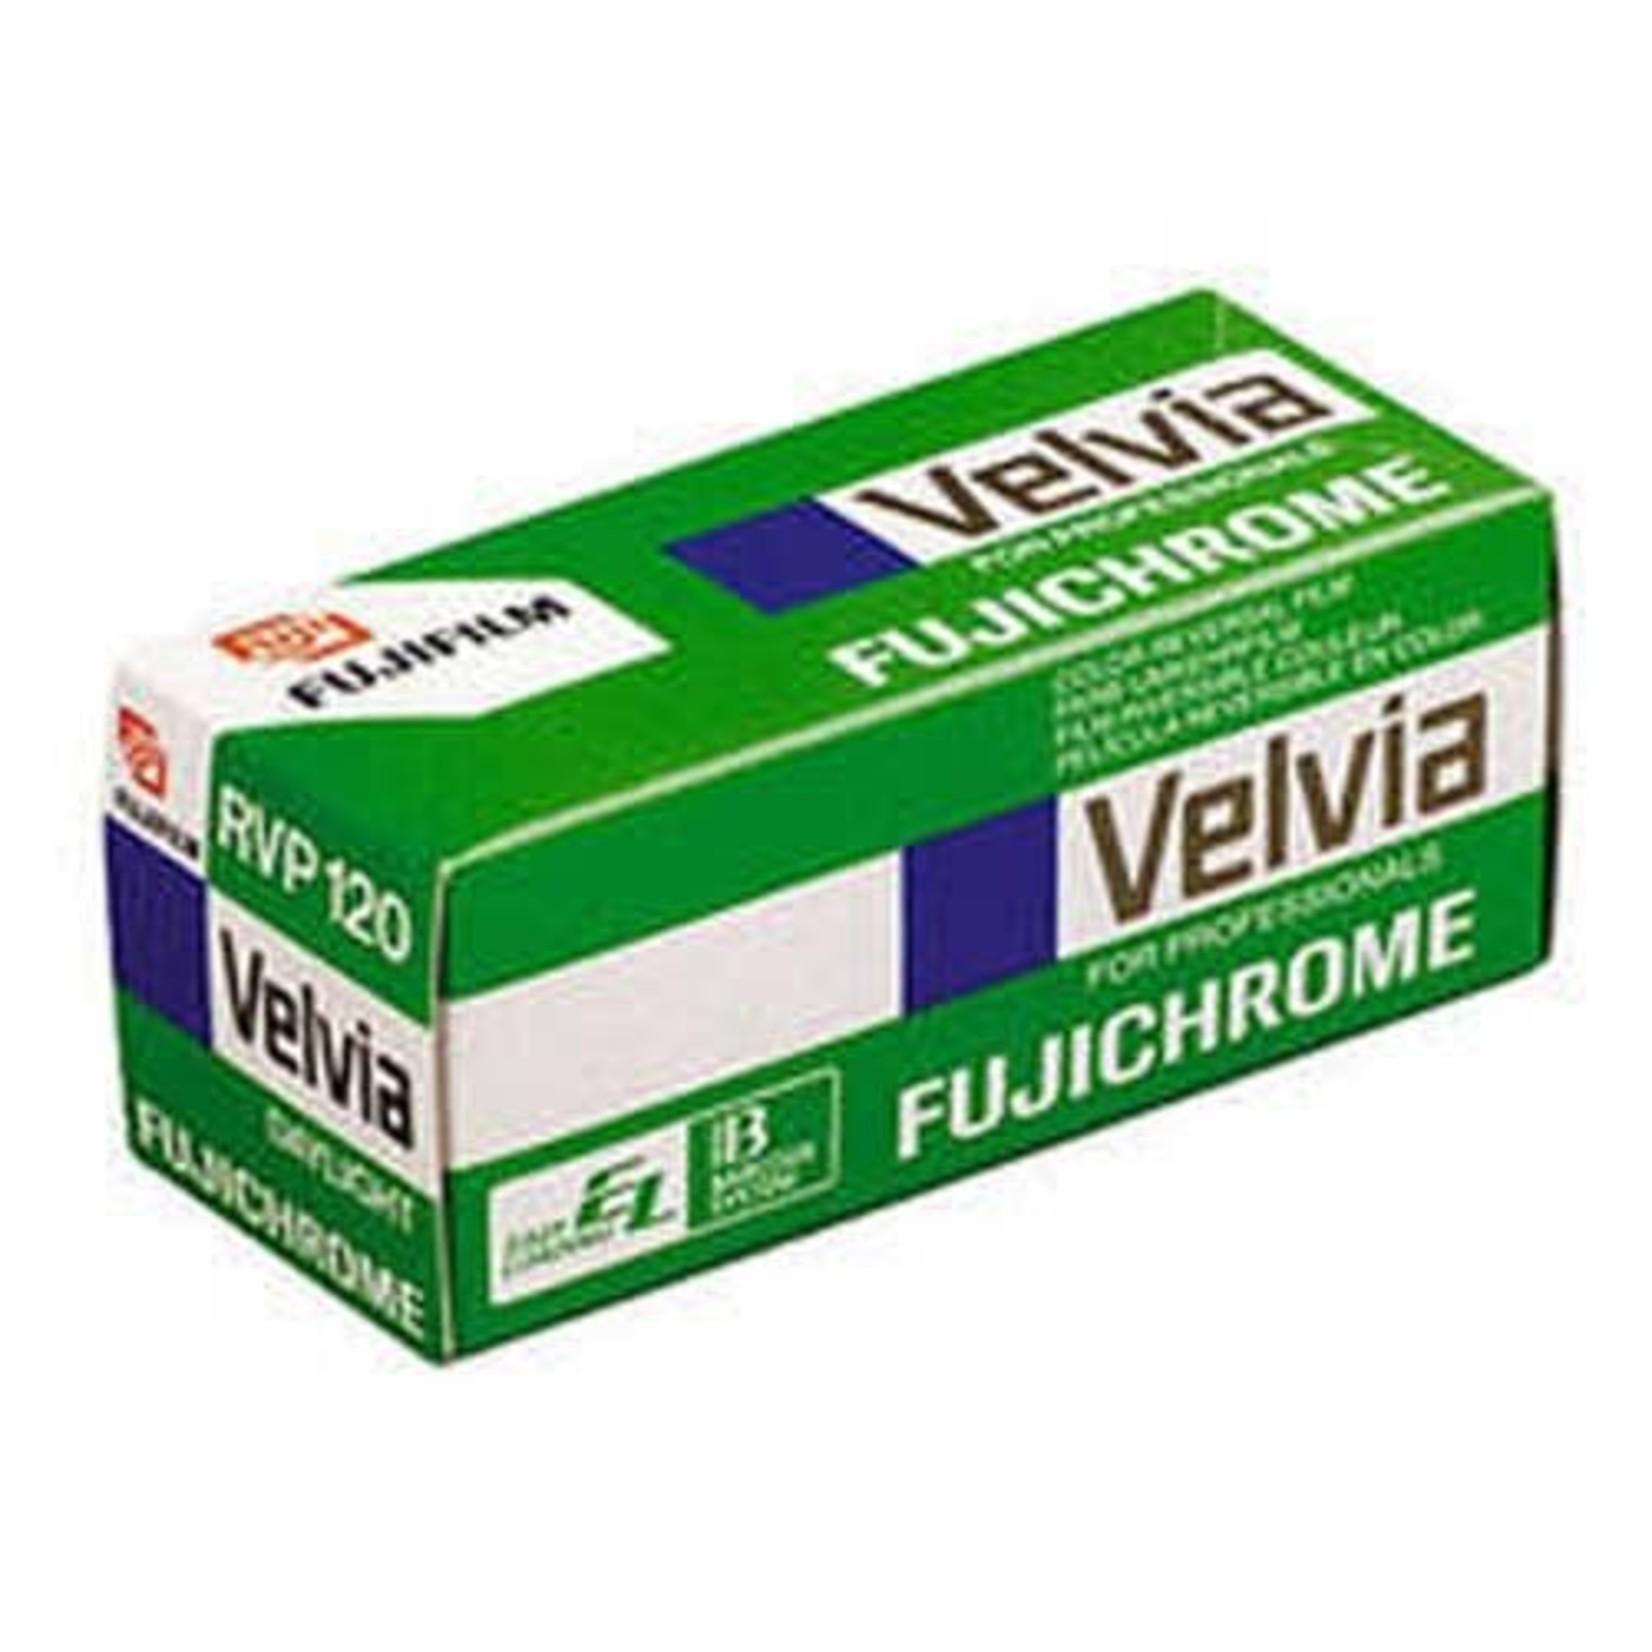 FujiFilm FujiFilm Velvia PRO RVP 50 120